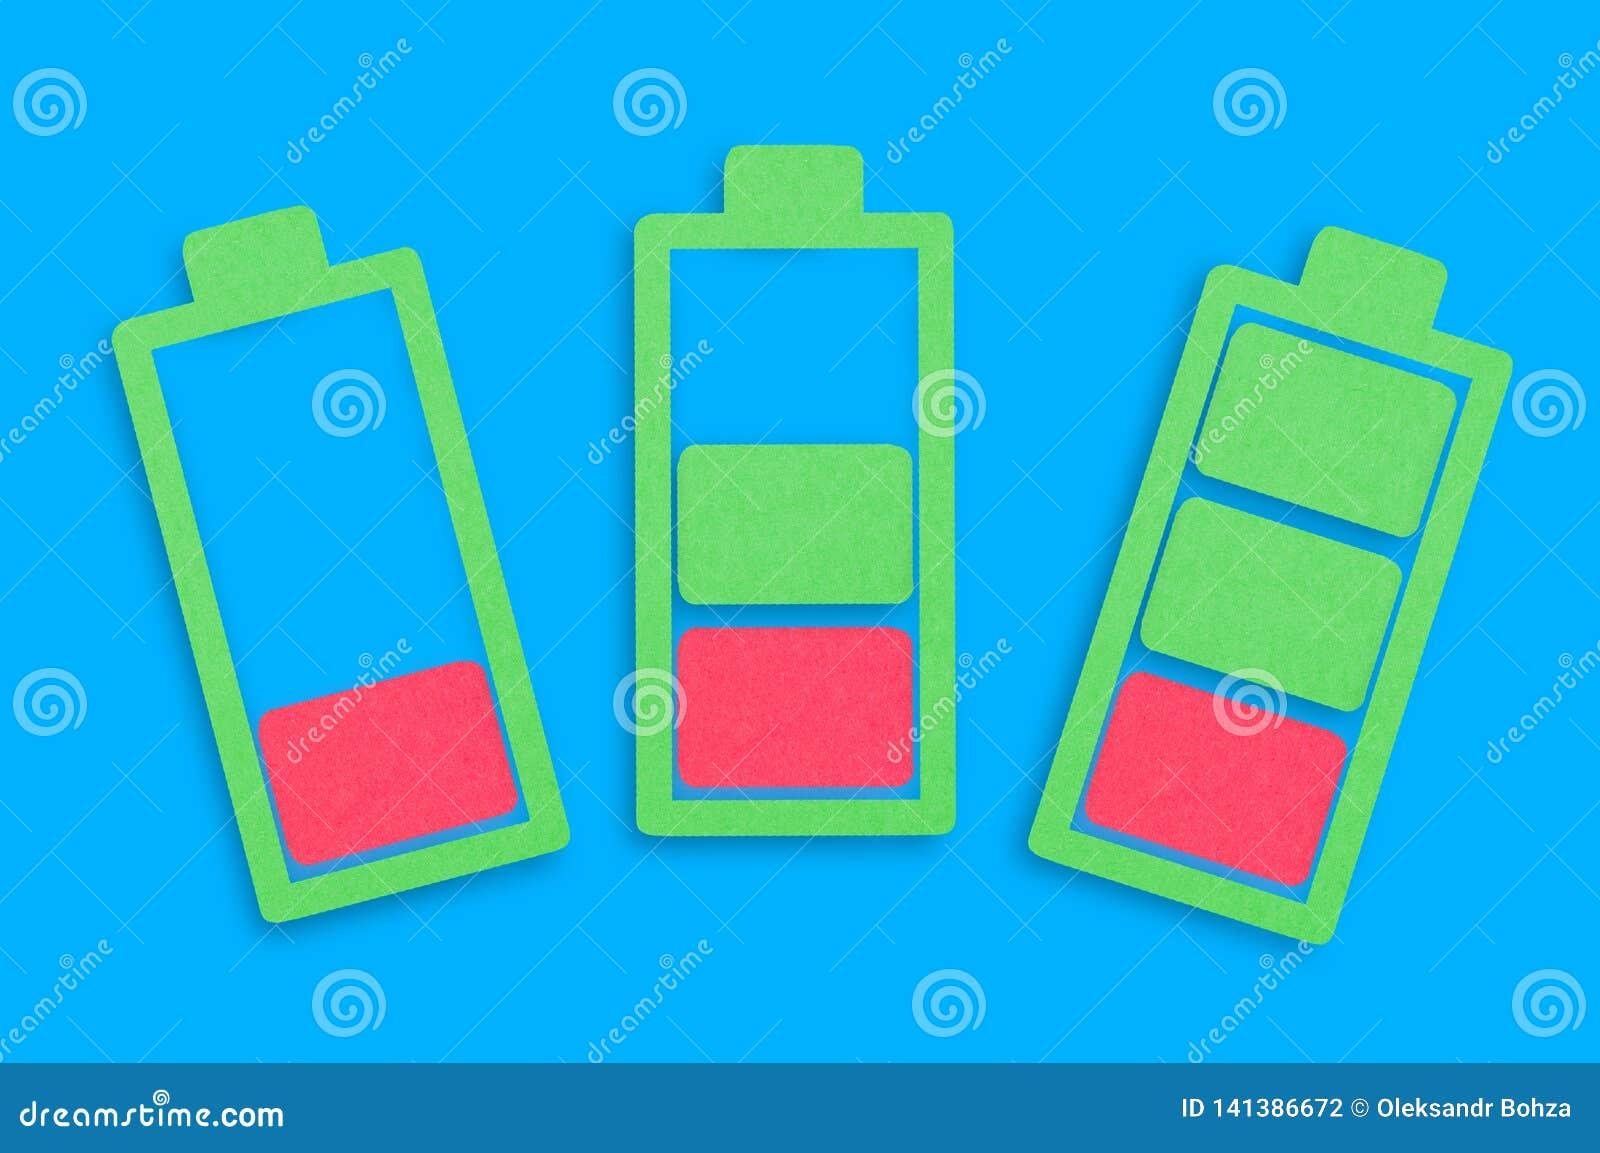 Τρία χειροποίητα εικονίδια εγγράφου των μπαταριών από χαμηλό στο σύνολο στο κέντρο του μπλε πίνακα Τοπ όψη